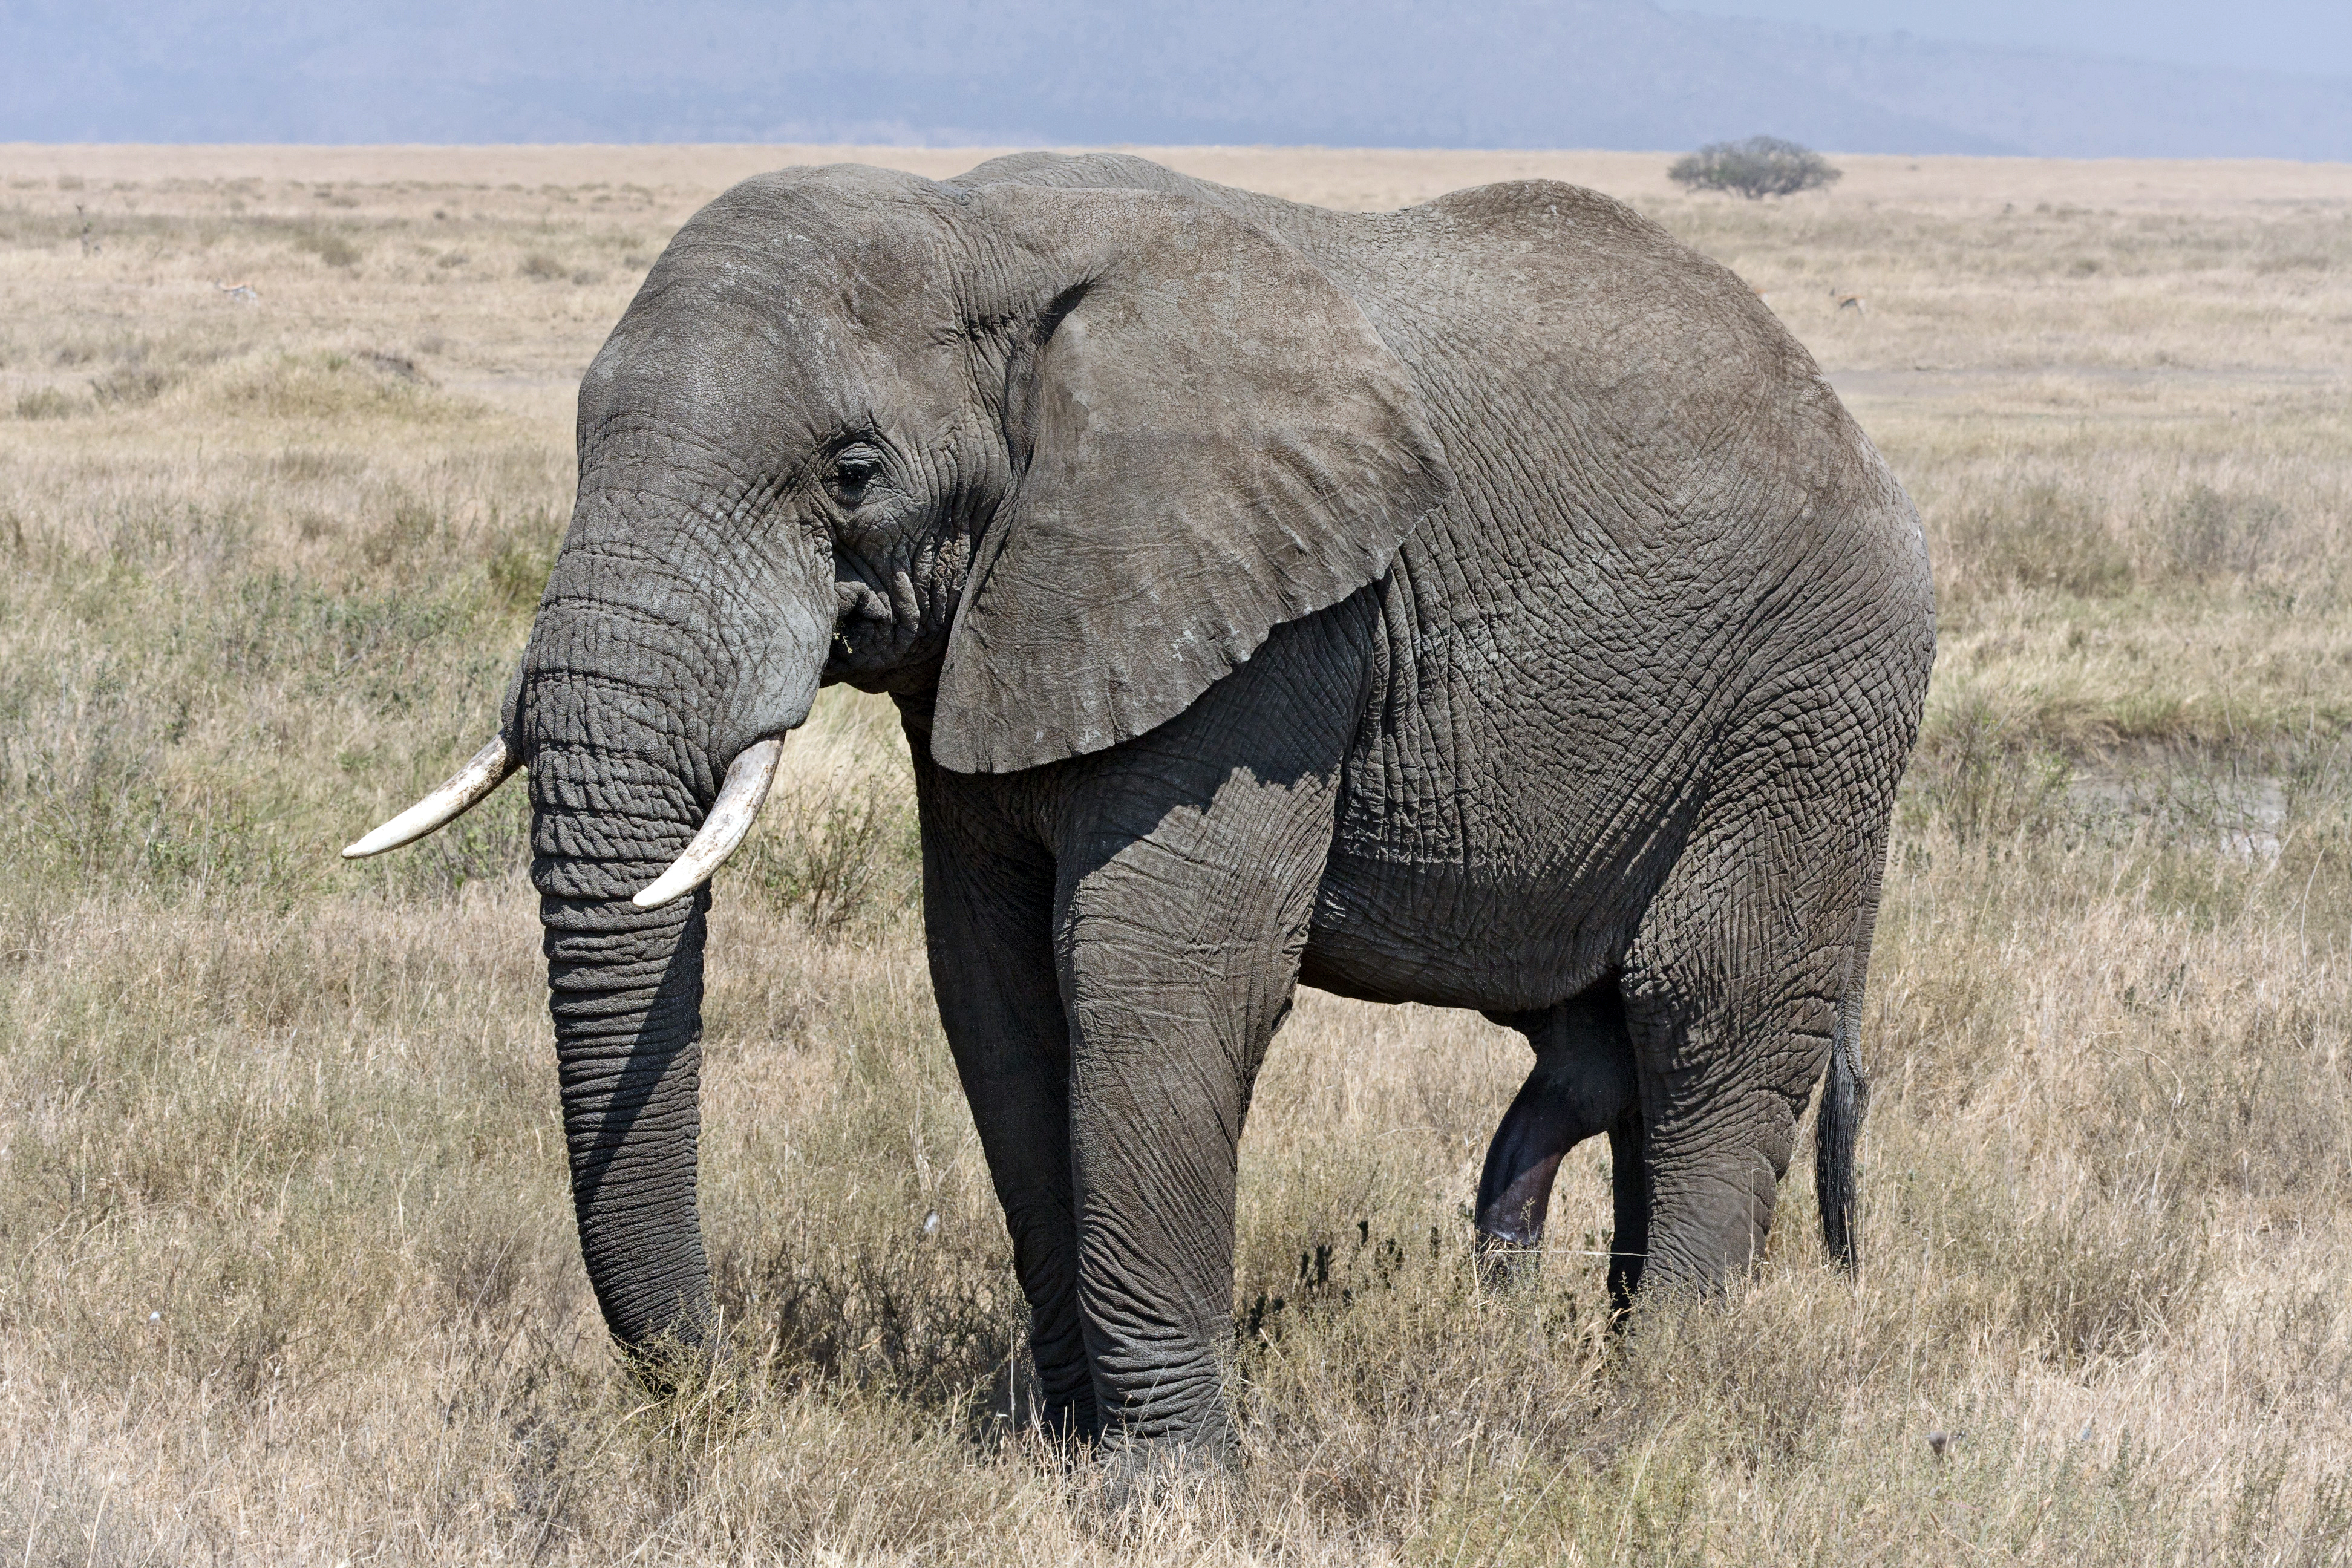 Serengeti_Elefantenbulle.jpg